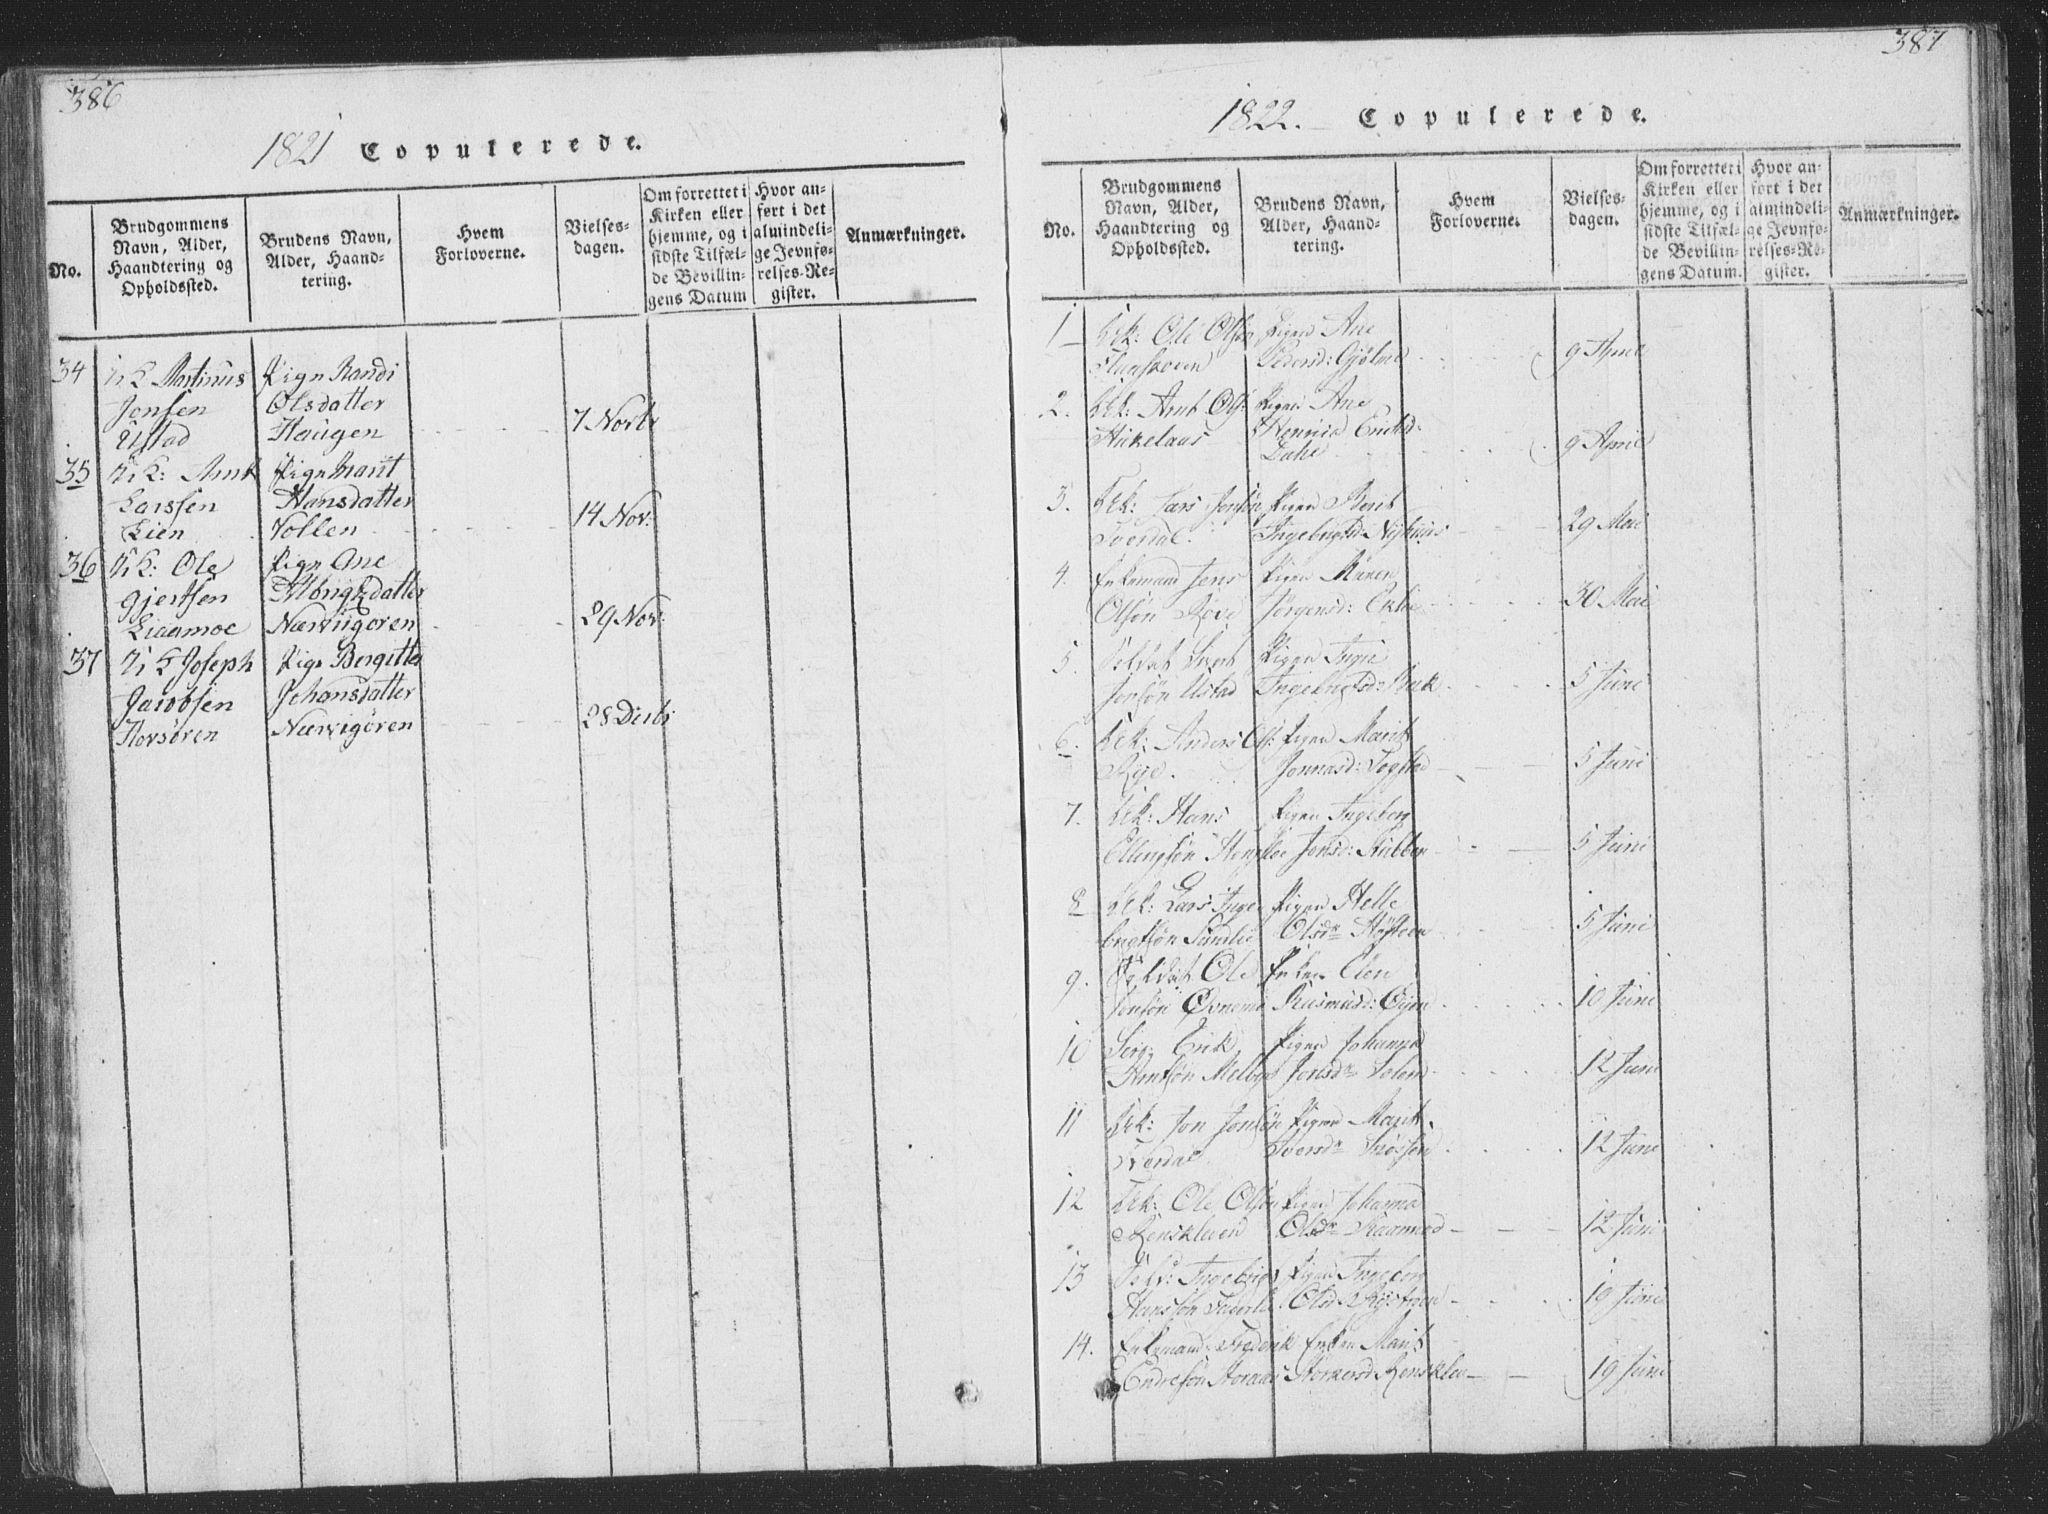 SAT, Ministerialprotokoller, klokkerbøker og fødselsregistre - Sør-Trøndelag, 668/L0816: Klokkerbok nr. 668C05, 1816-1893, s. 386-387